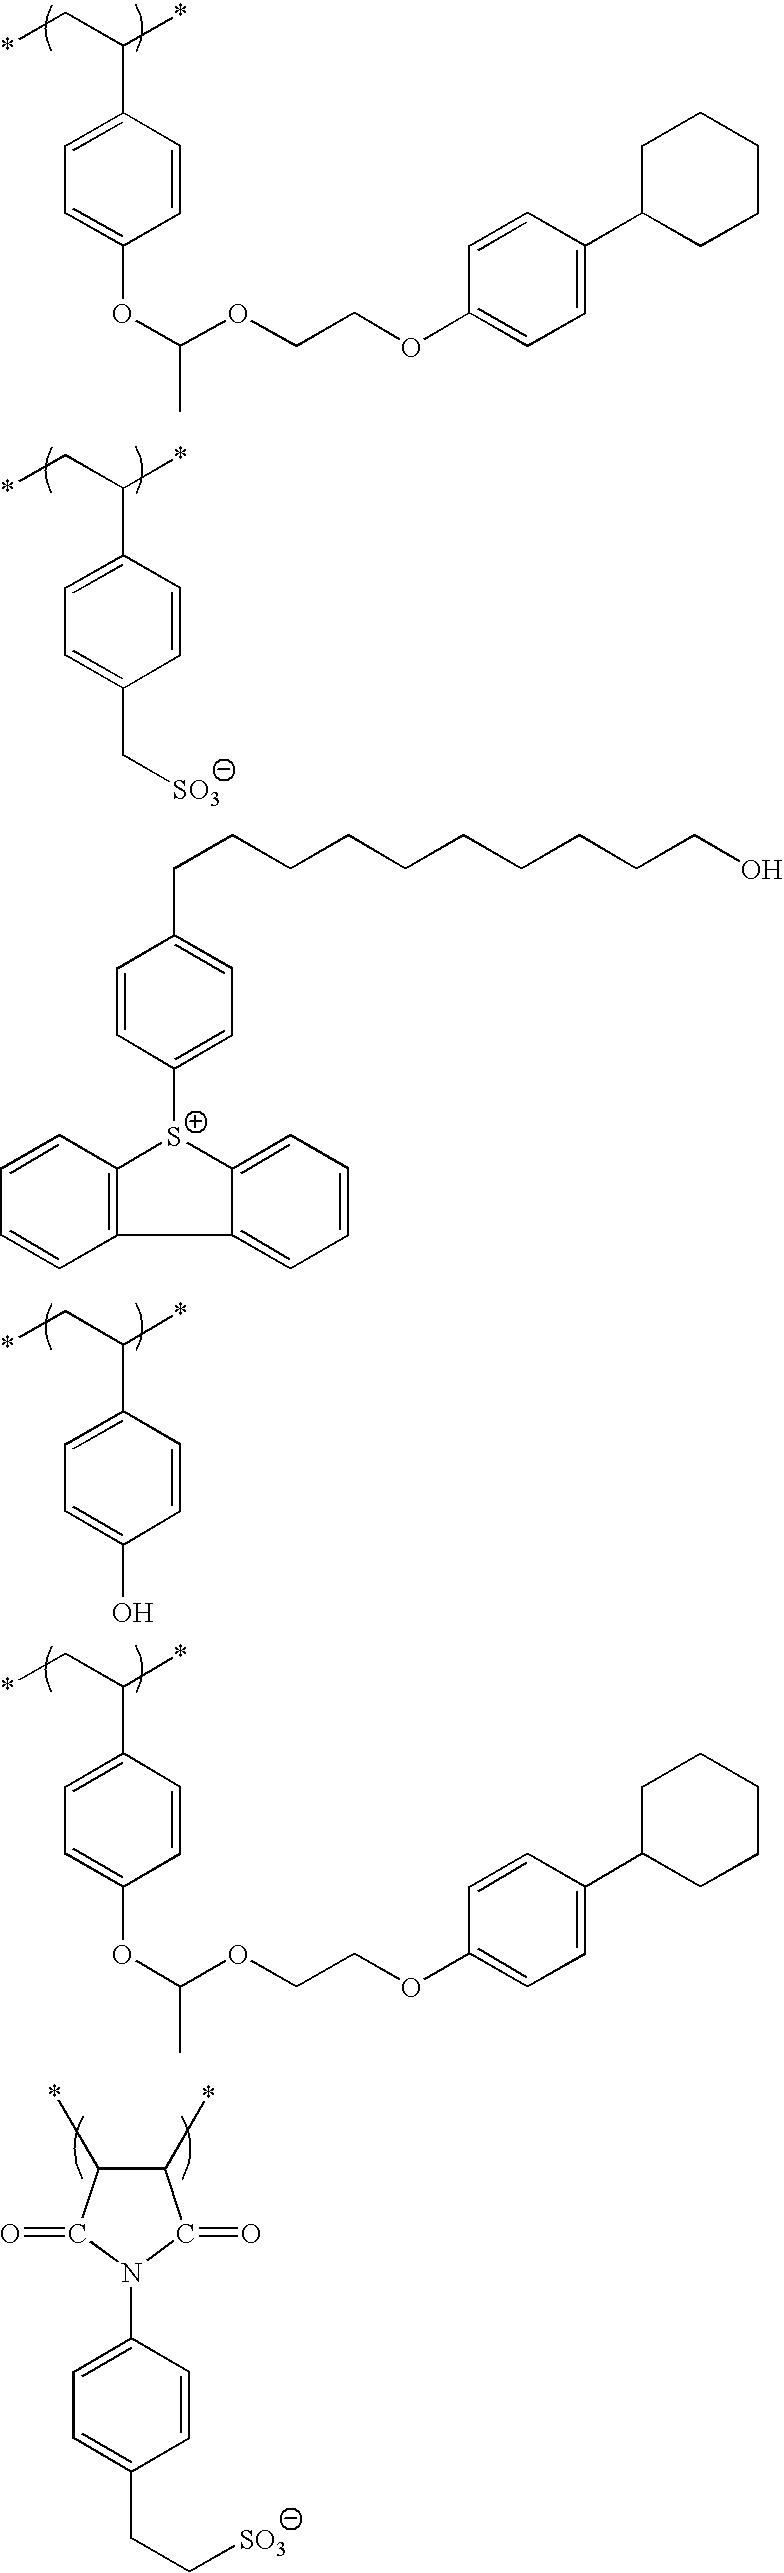 Figure US20100183975A1-20100722-C00165